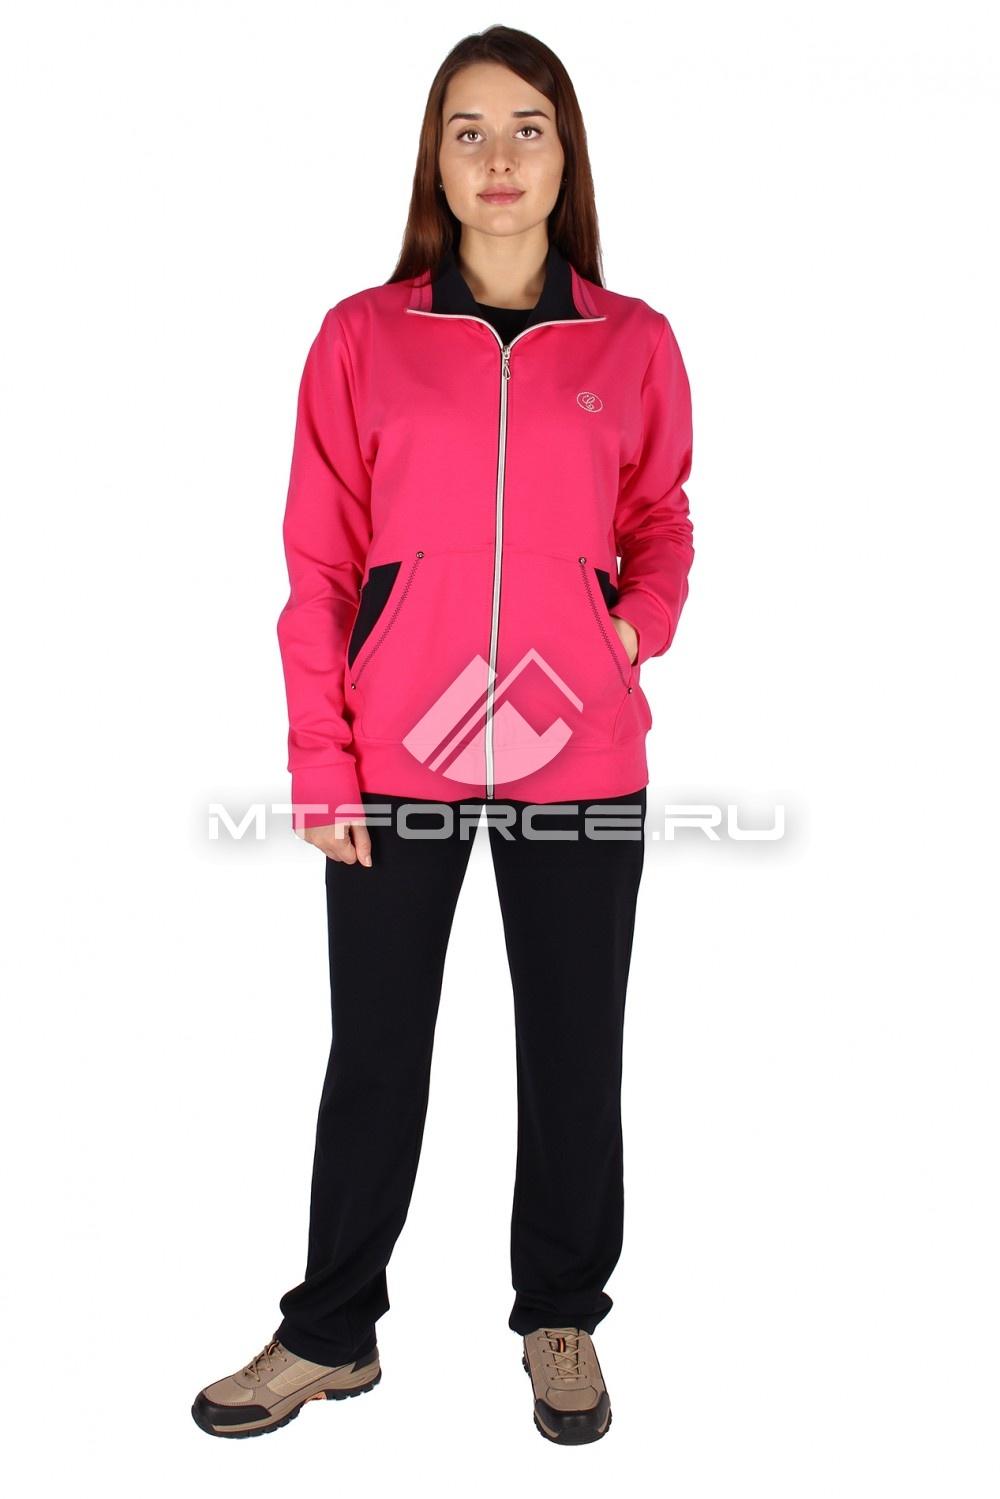 Купить                                  оптом Спортивный костюм женский большого размера розового цвета 0021R в Санкт-Петербурге